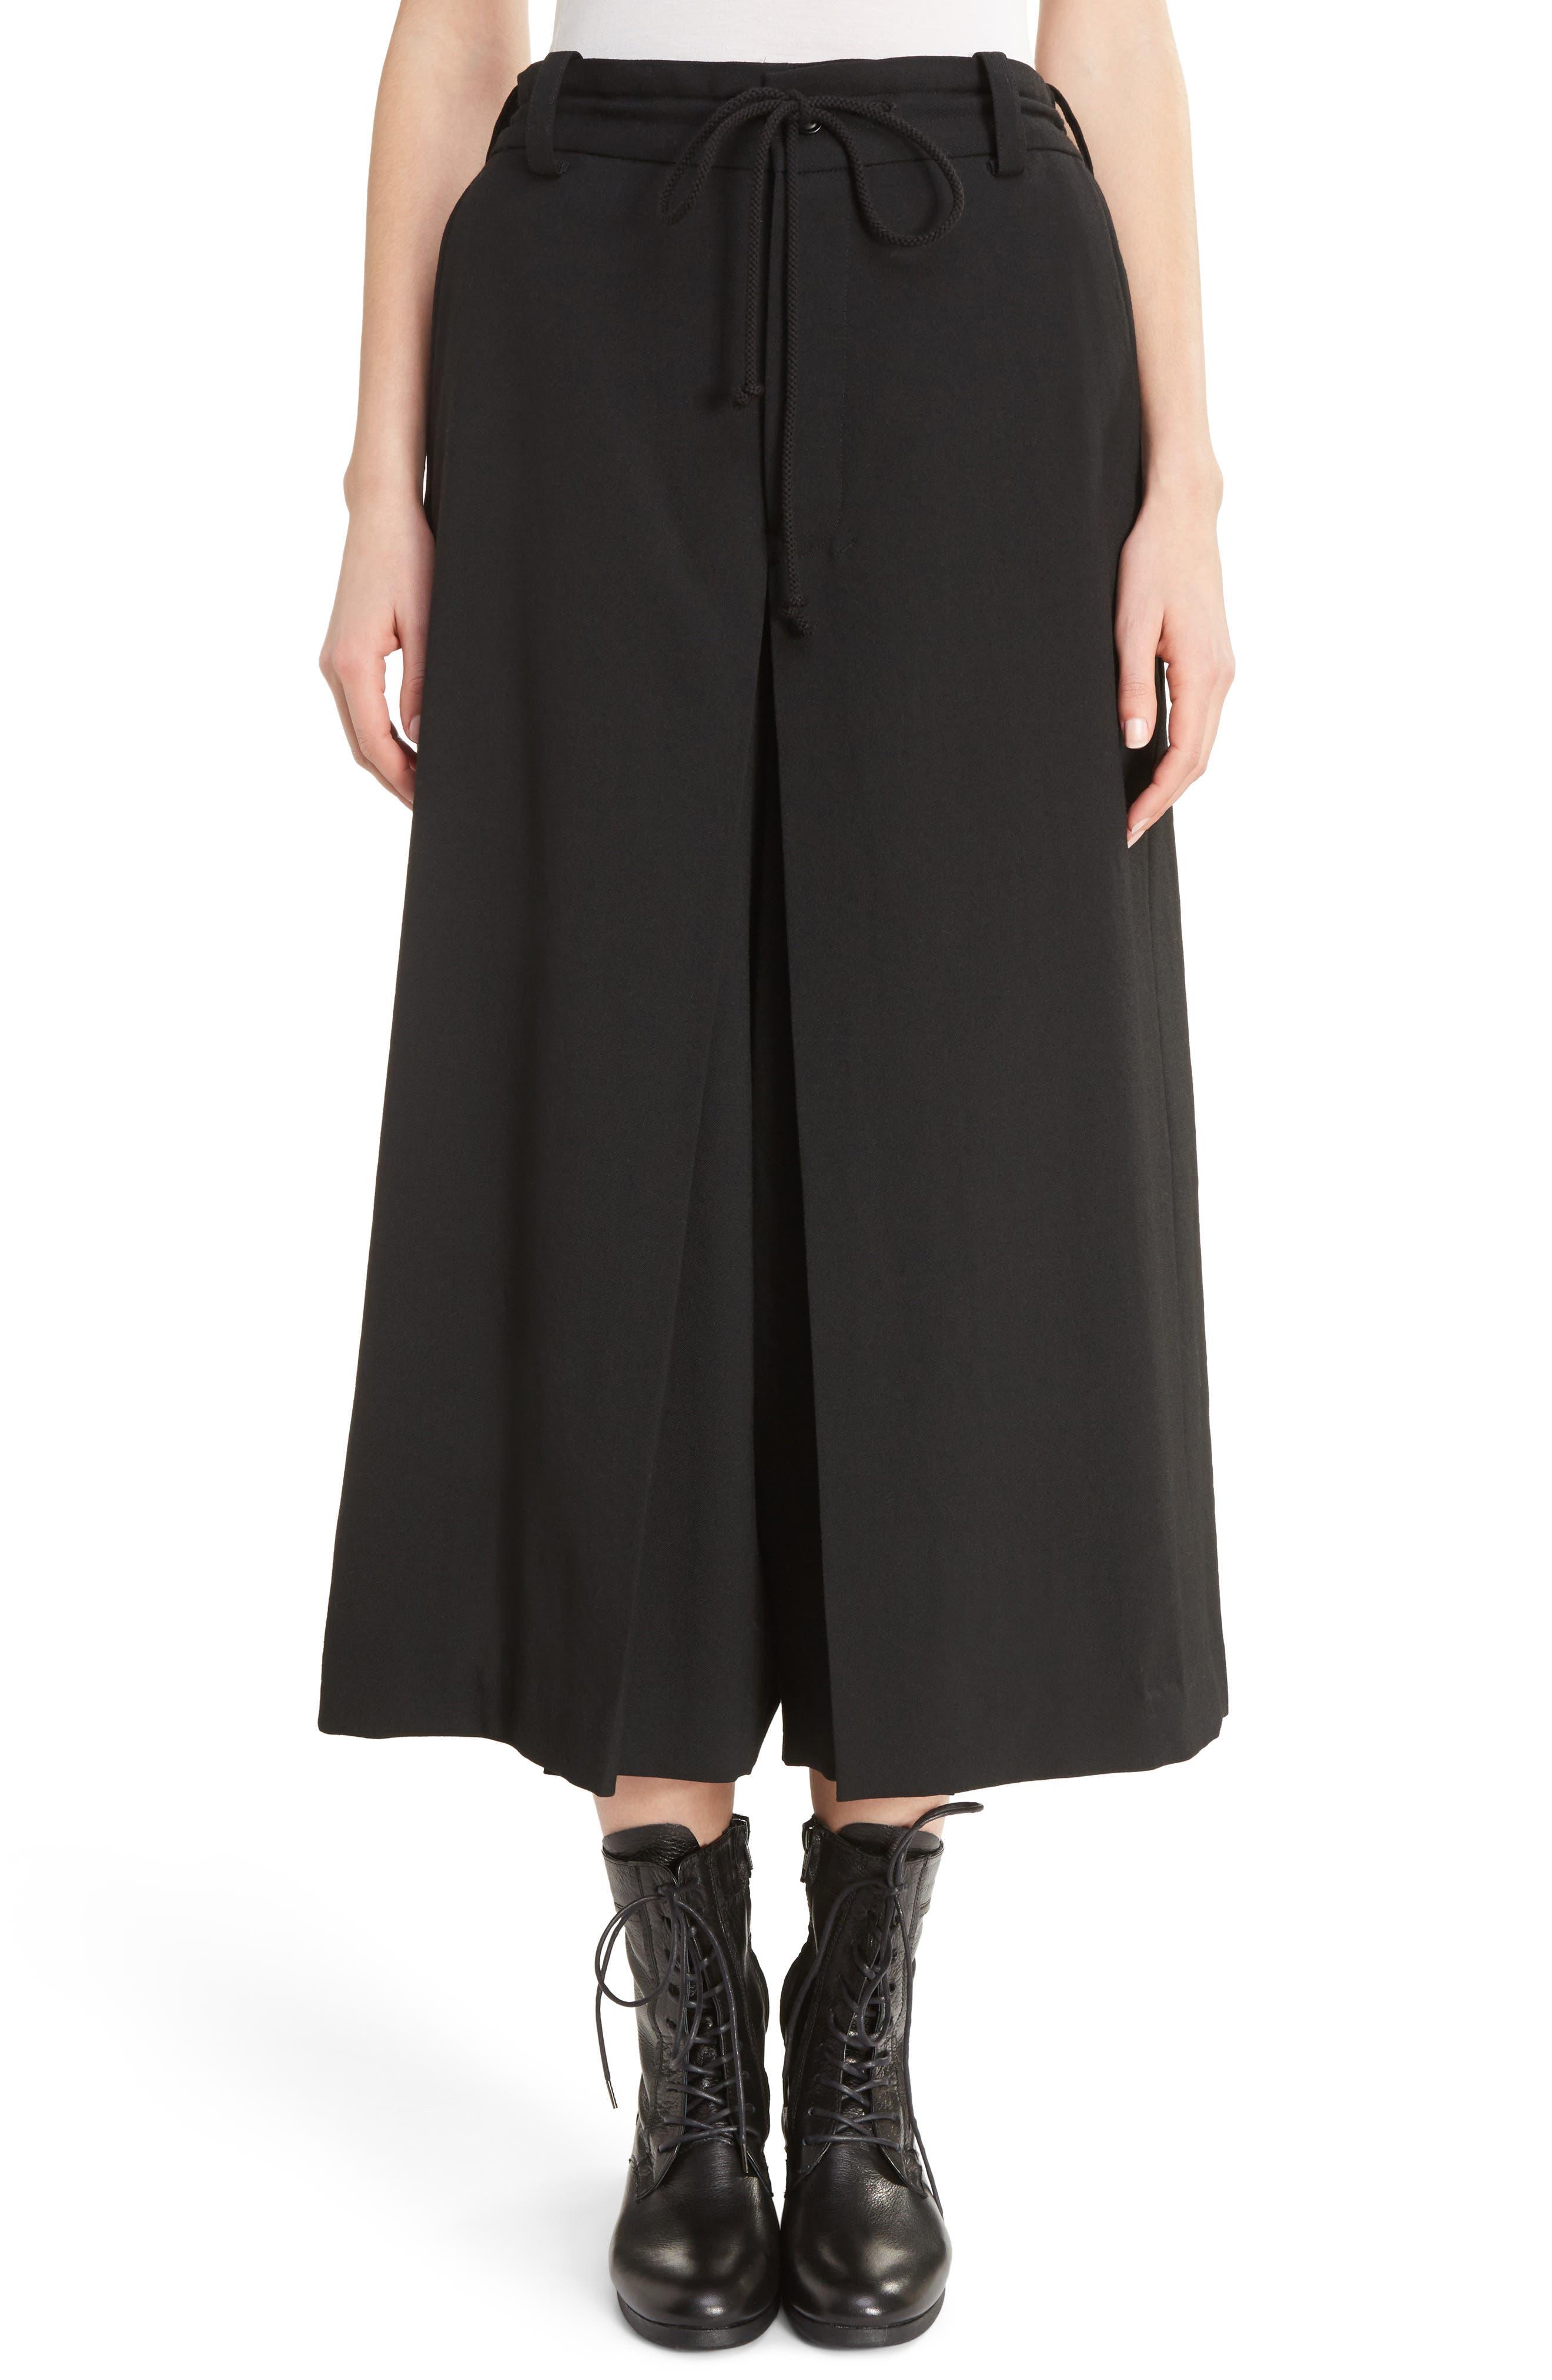 G-Gusset Tuck Front Wide Leg Pants,                         Main,                         color, Black